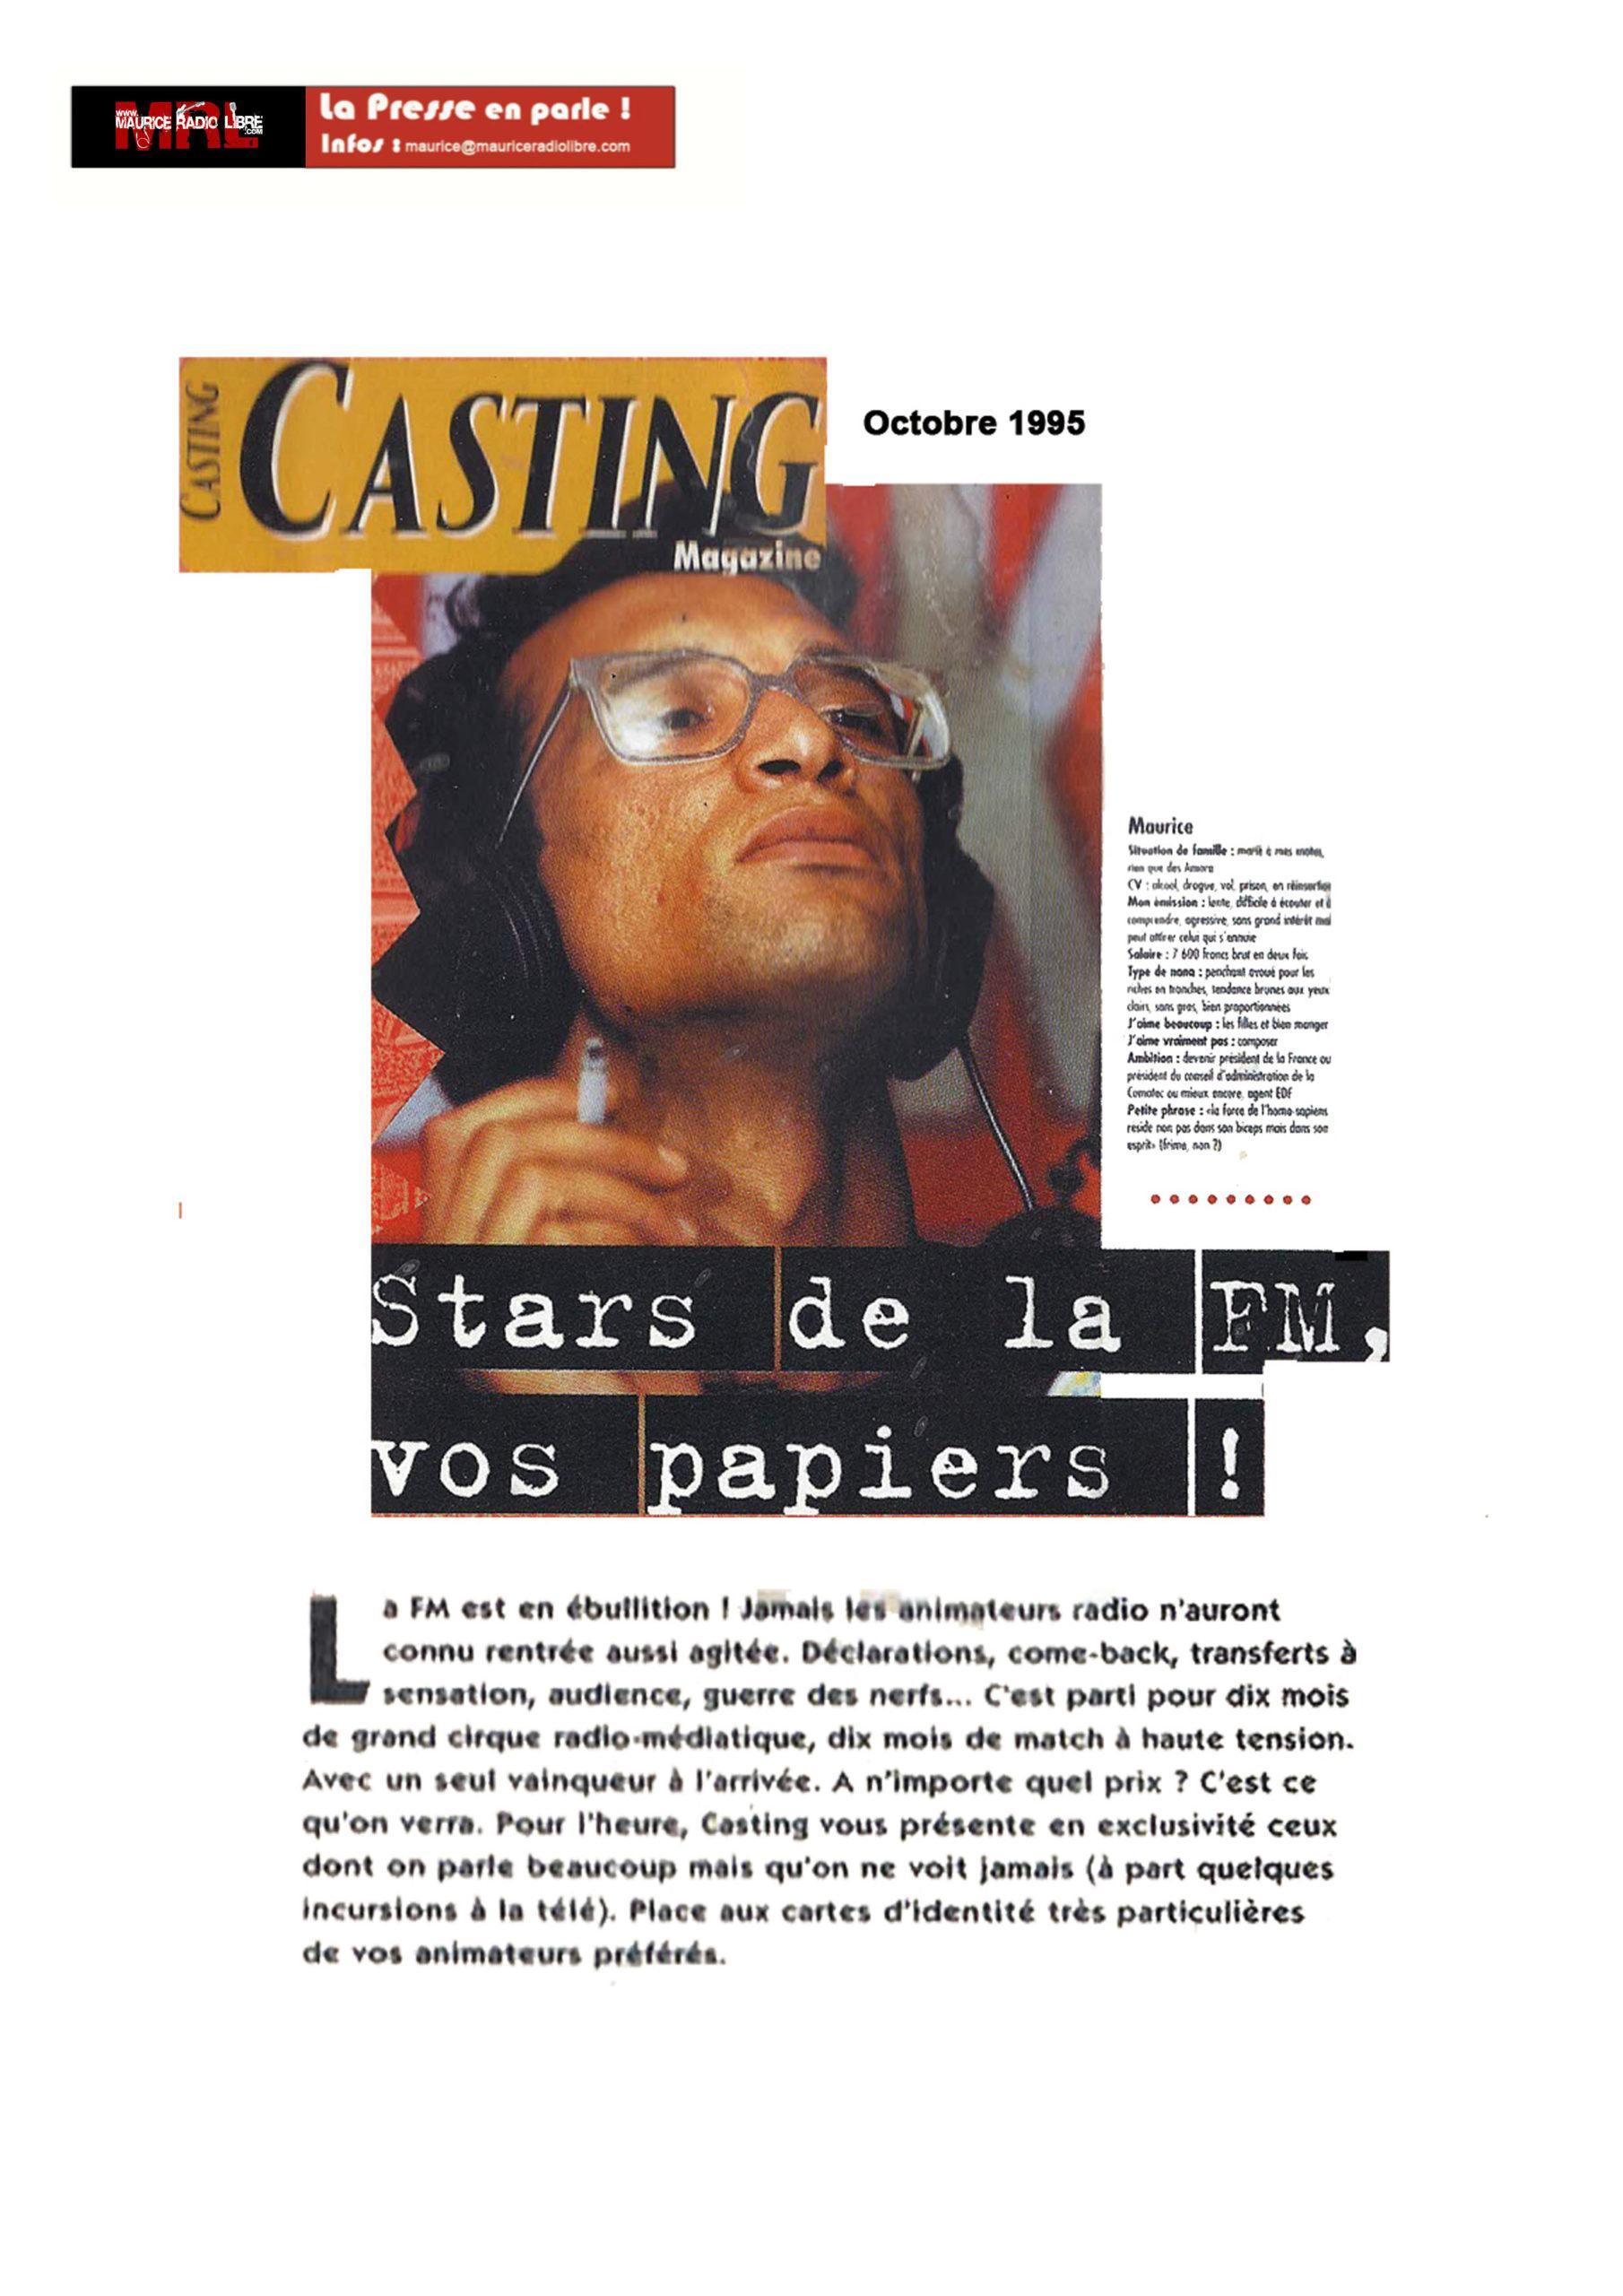 vignette CASTING Stars de la FM, vos papiers ! - Octobre 1995